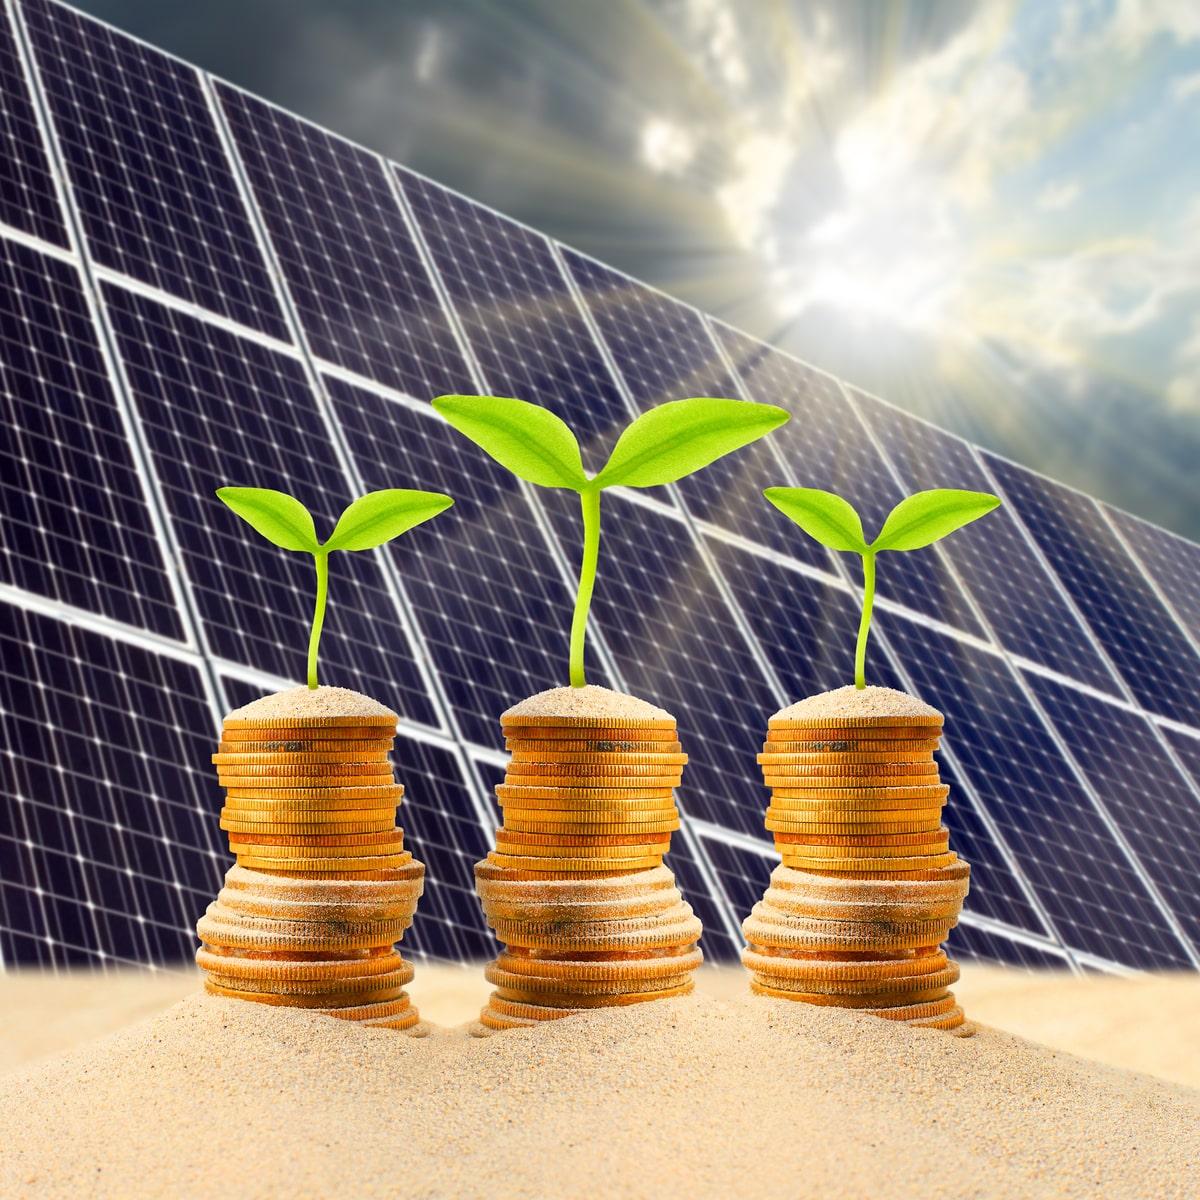 pannelli fotovoltaici e monete che descrivono la convenienza del superbonus al 110%